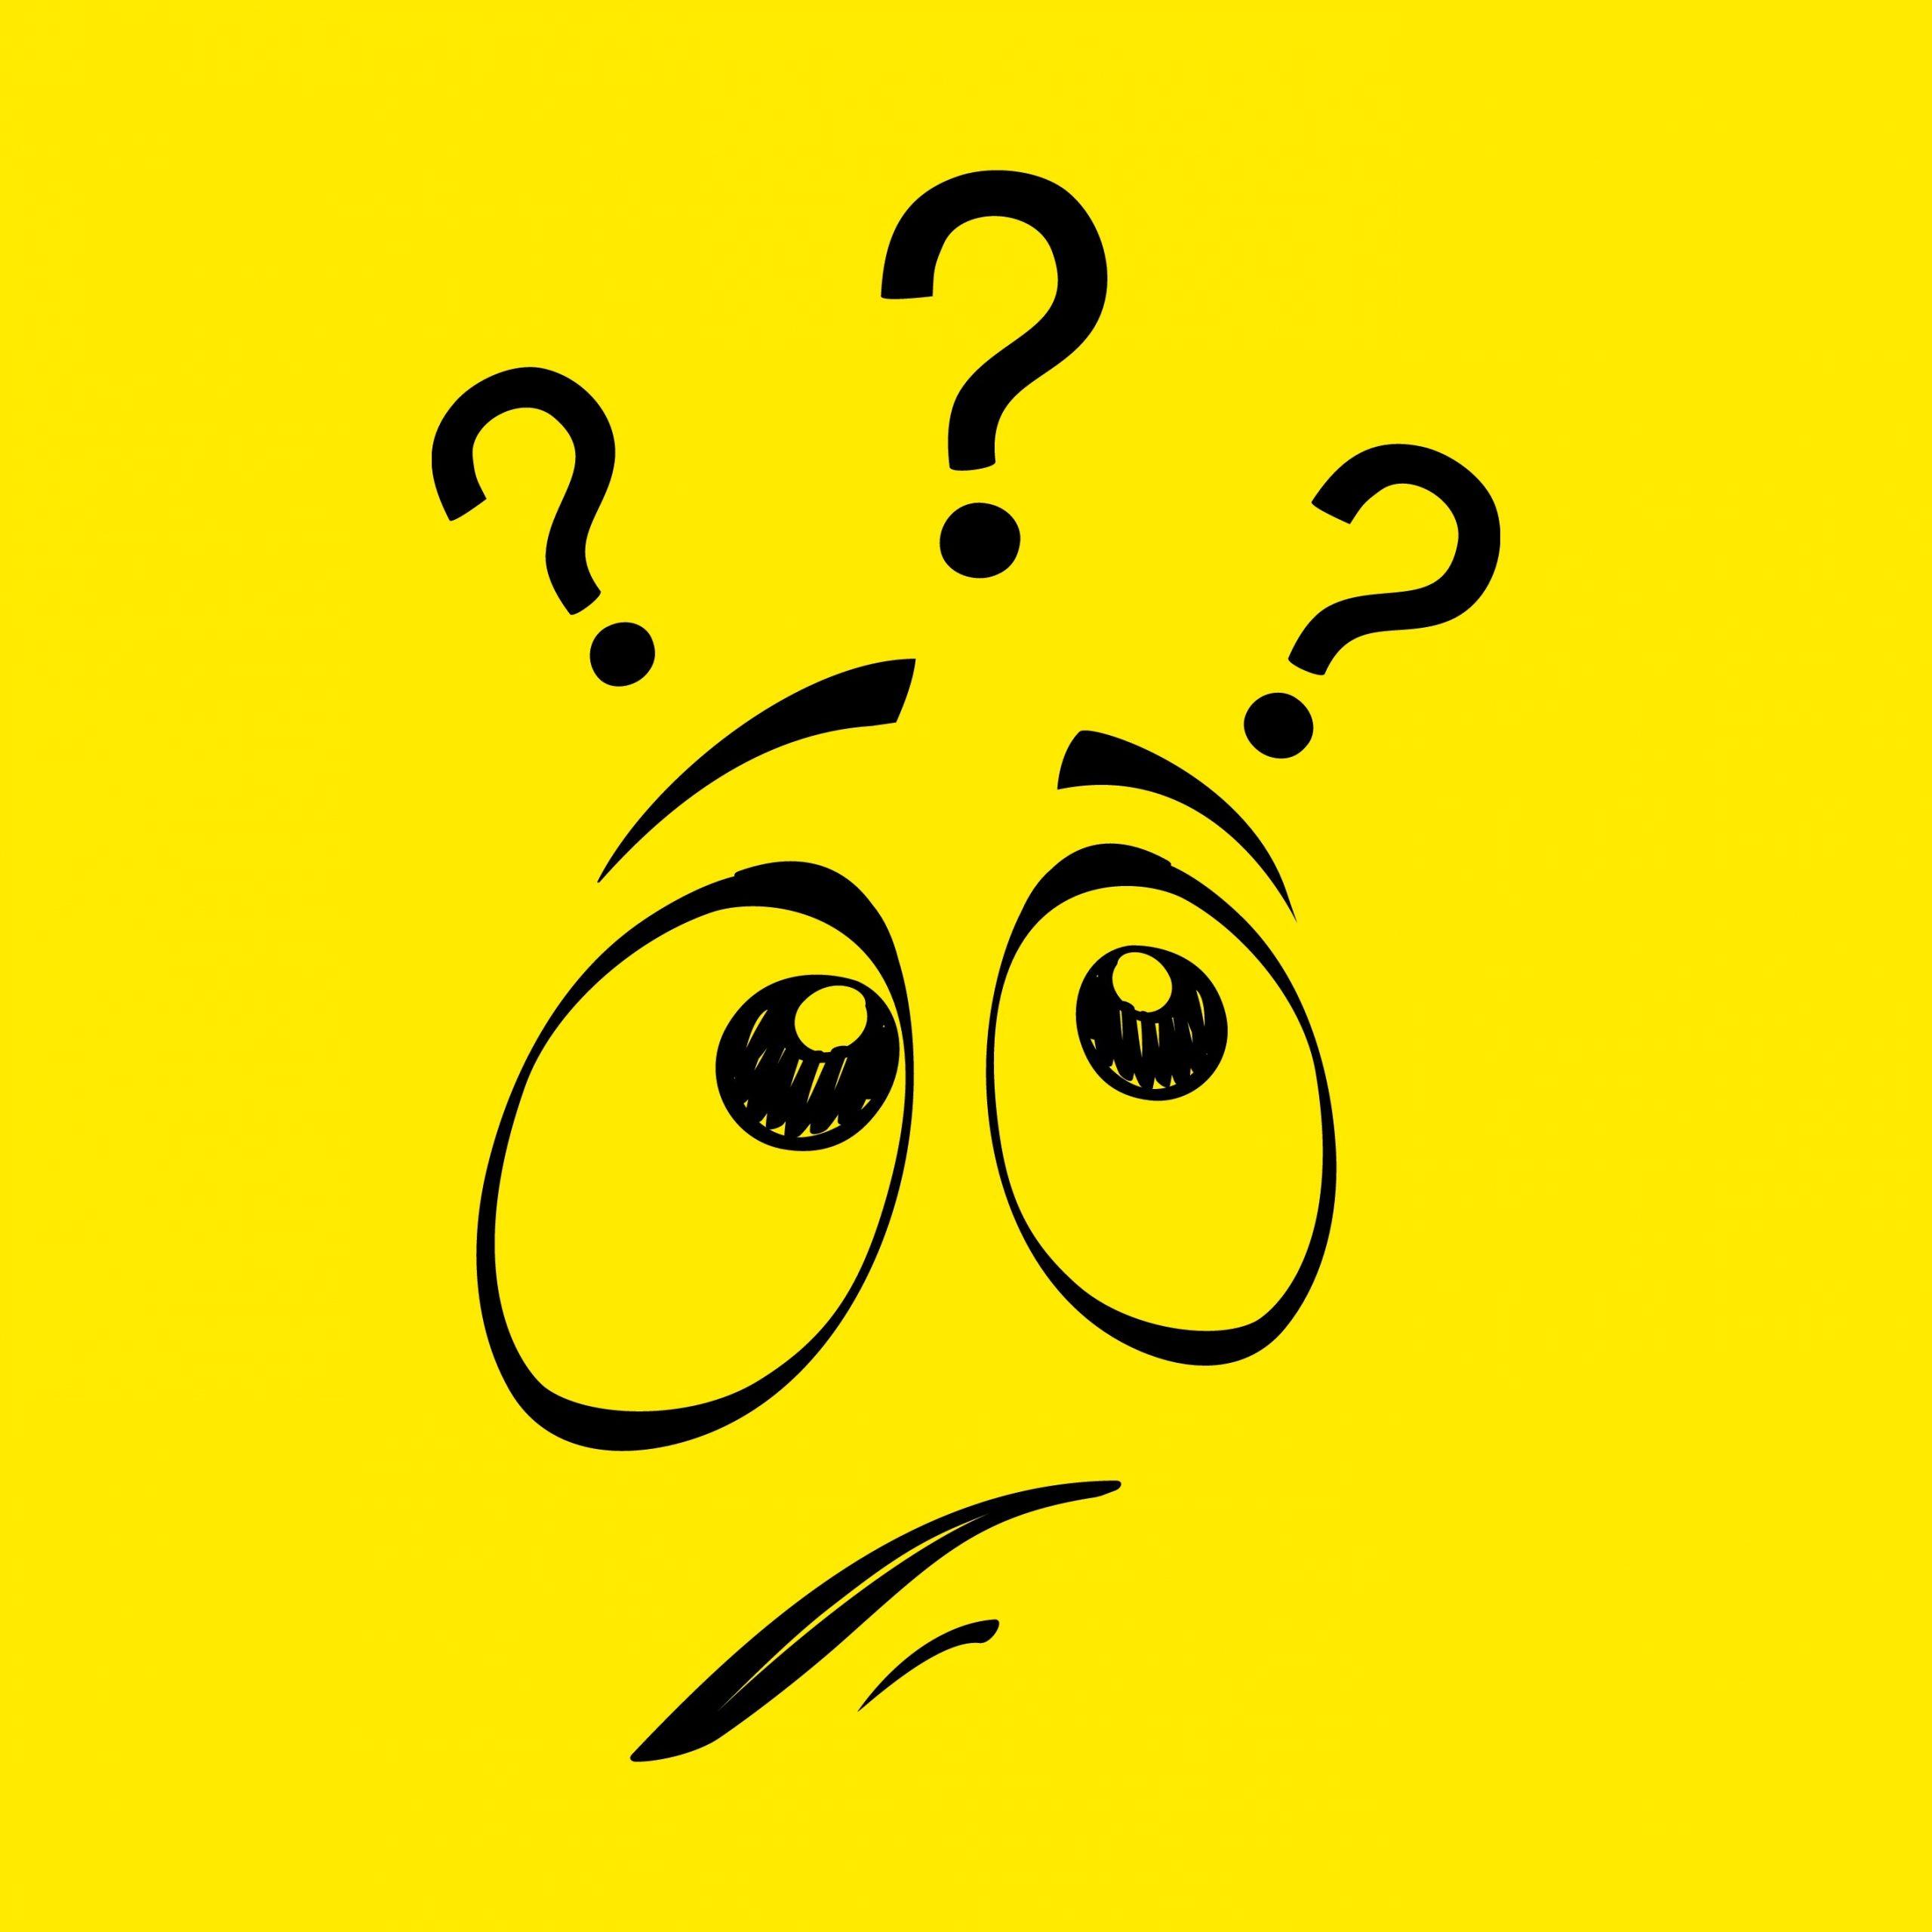 Susanne Grethlein, Erfolgsraum, Fürth, Feng Shui Berater, Anleitung für Ordnung und Aufräumen, Chaos in der Wohnung, Chaos im Kleiderschrank, Unordnung, Entrümpeln, kostenlose Checklisten